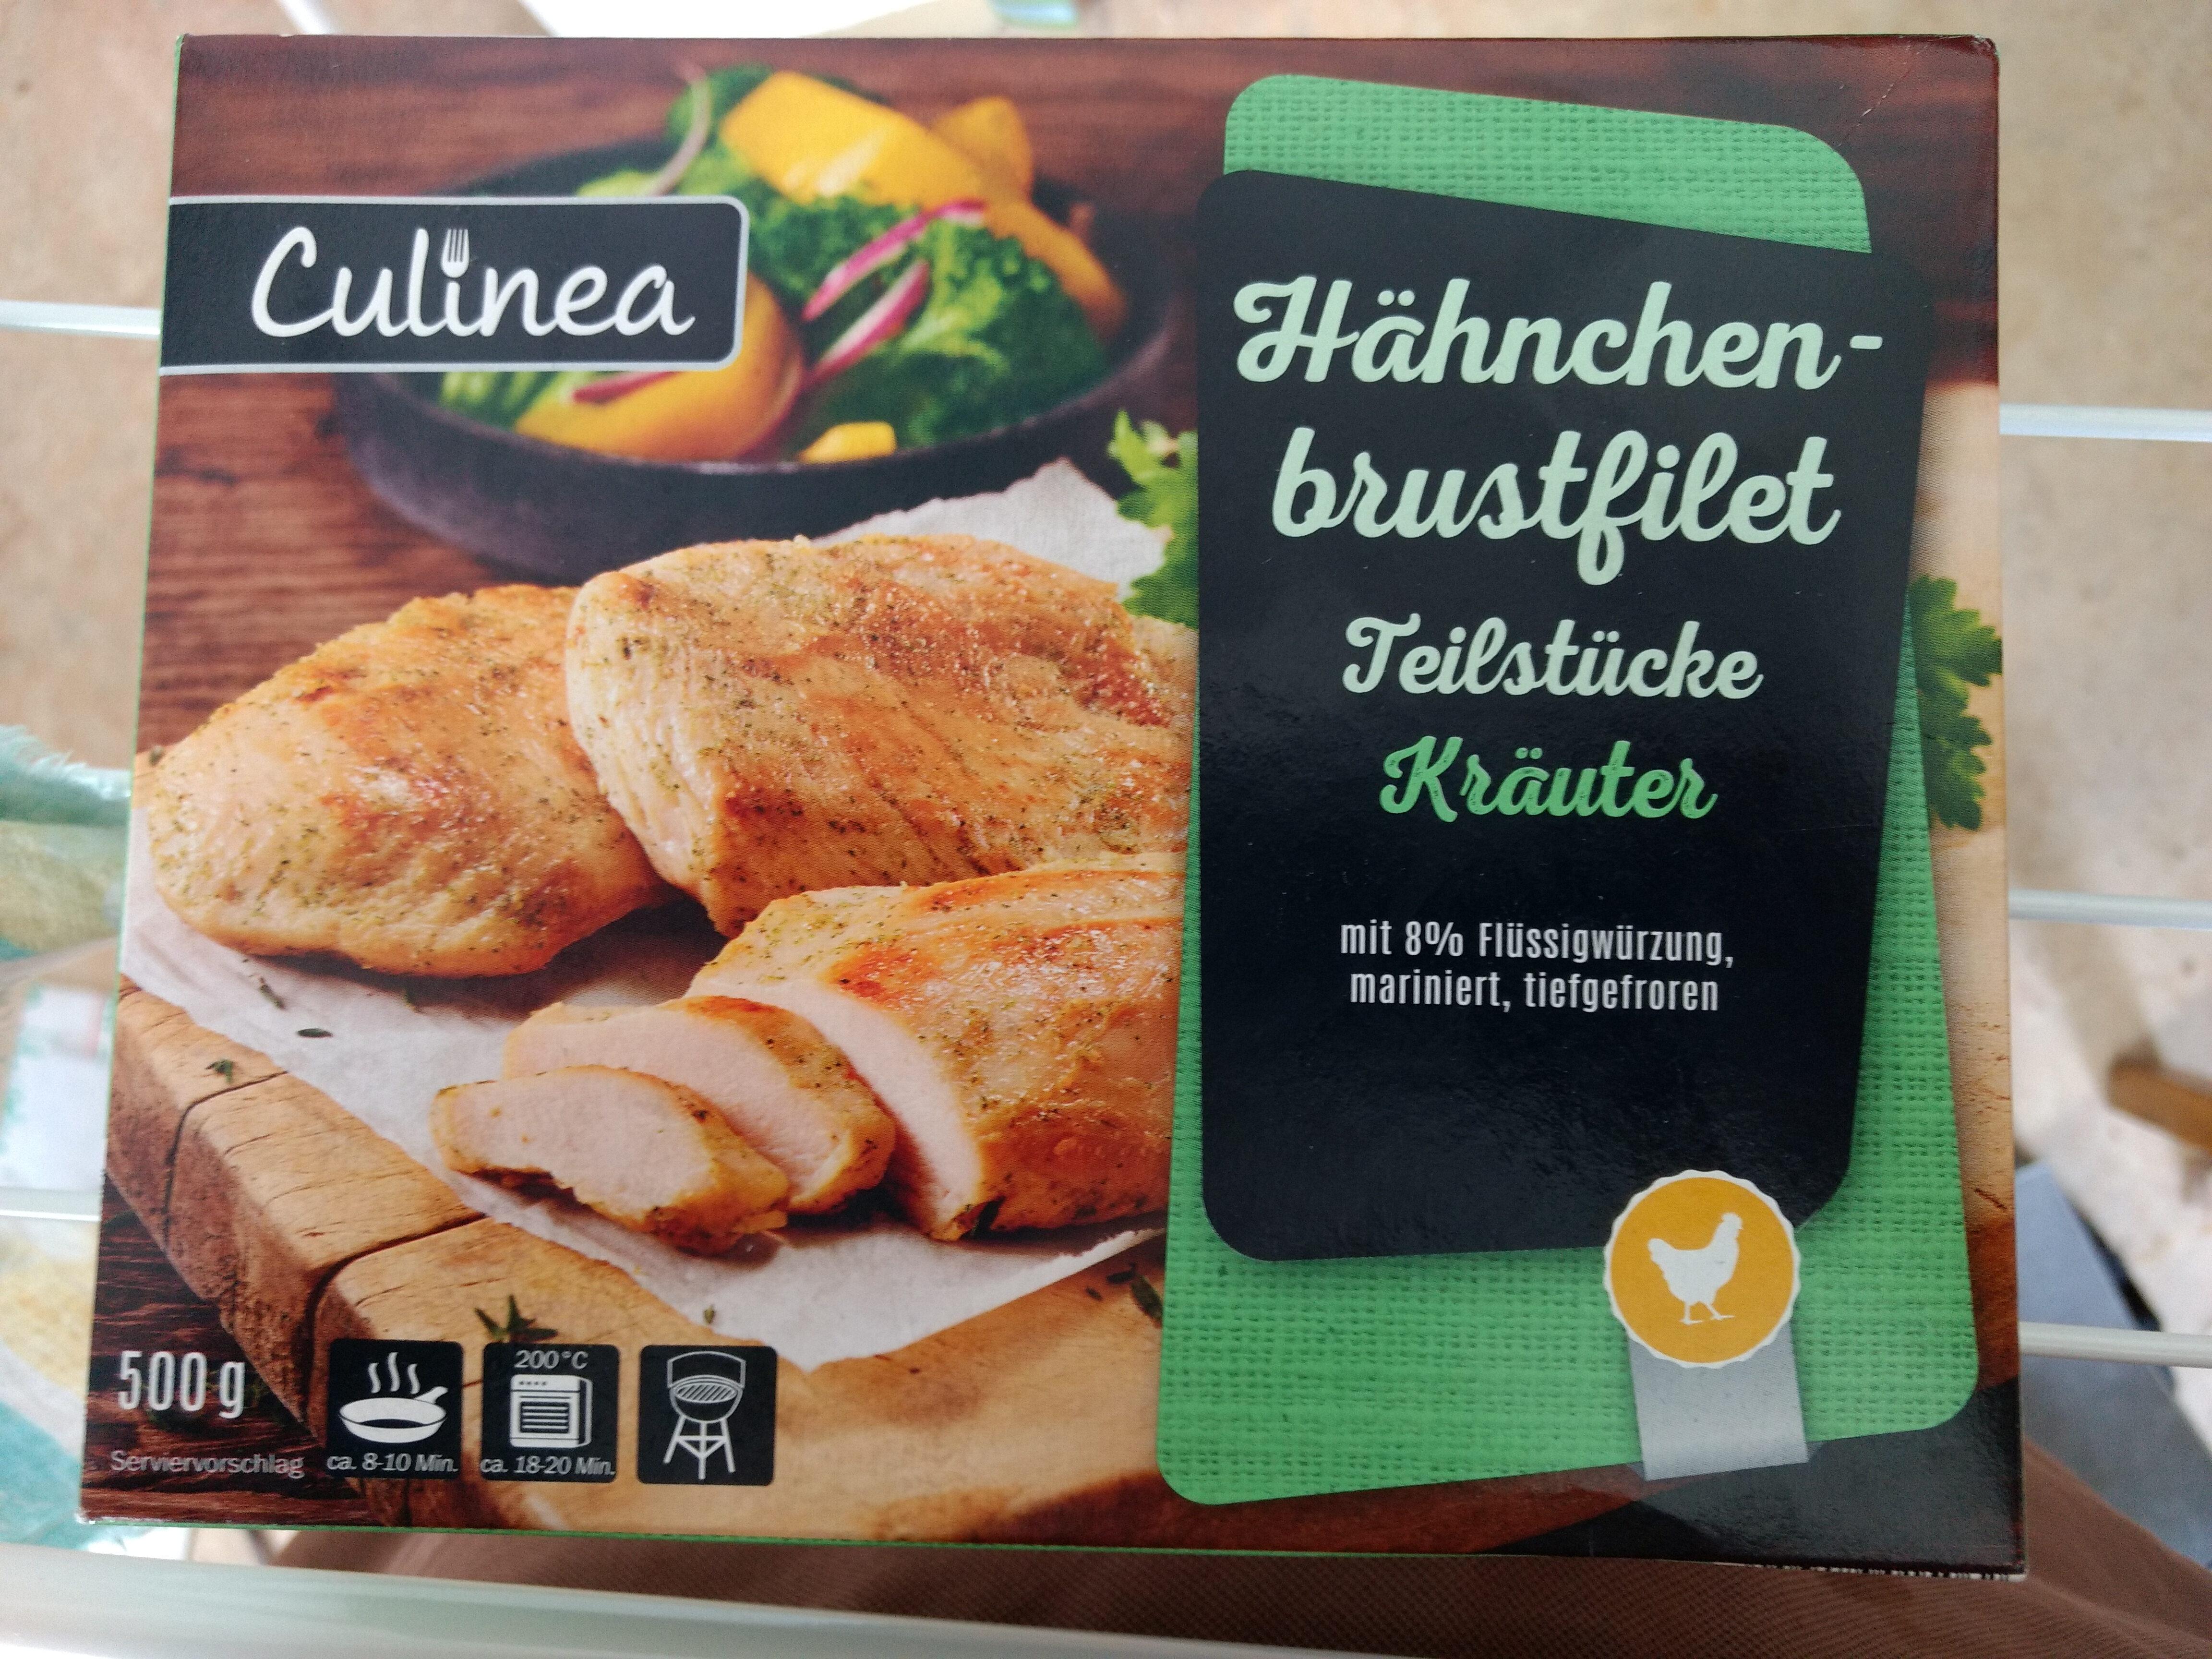 Hähnchenbrustfilet Teilstücke Kräuter - Product